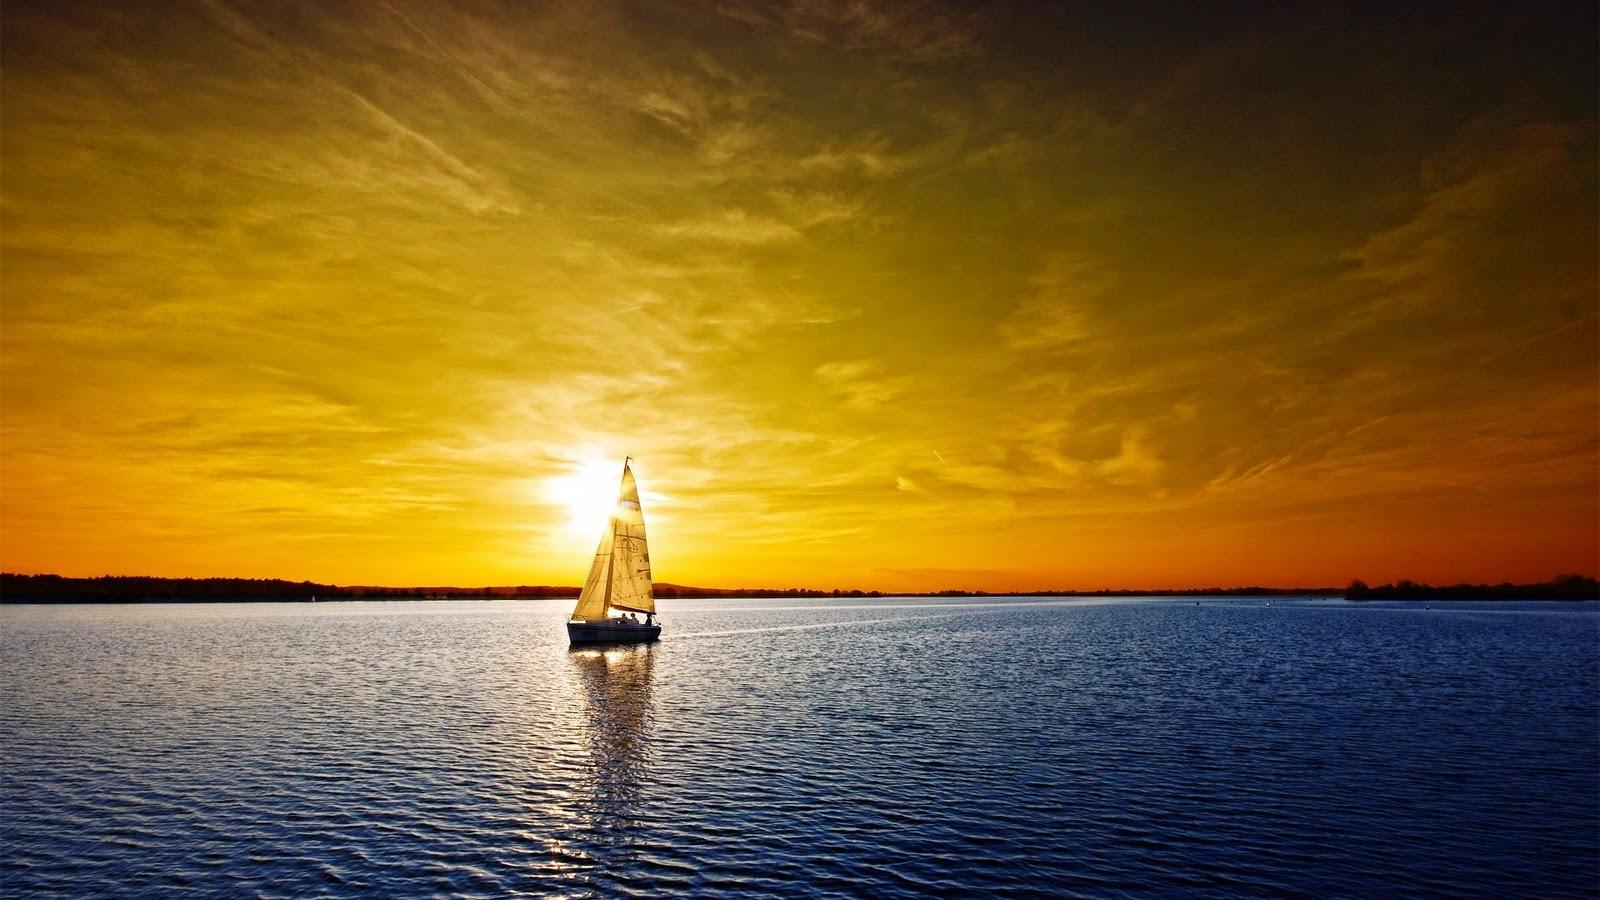 Best Resolution Wallpaper: Sunset HD Wallpaper 1080p